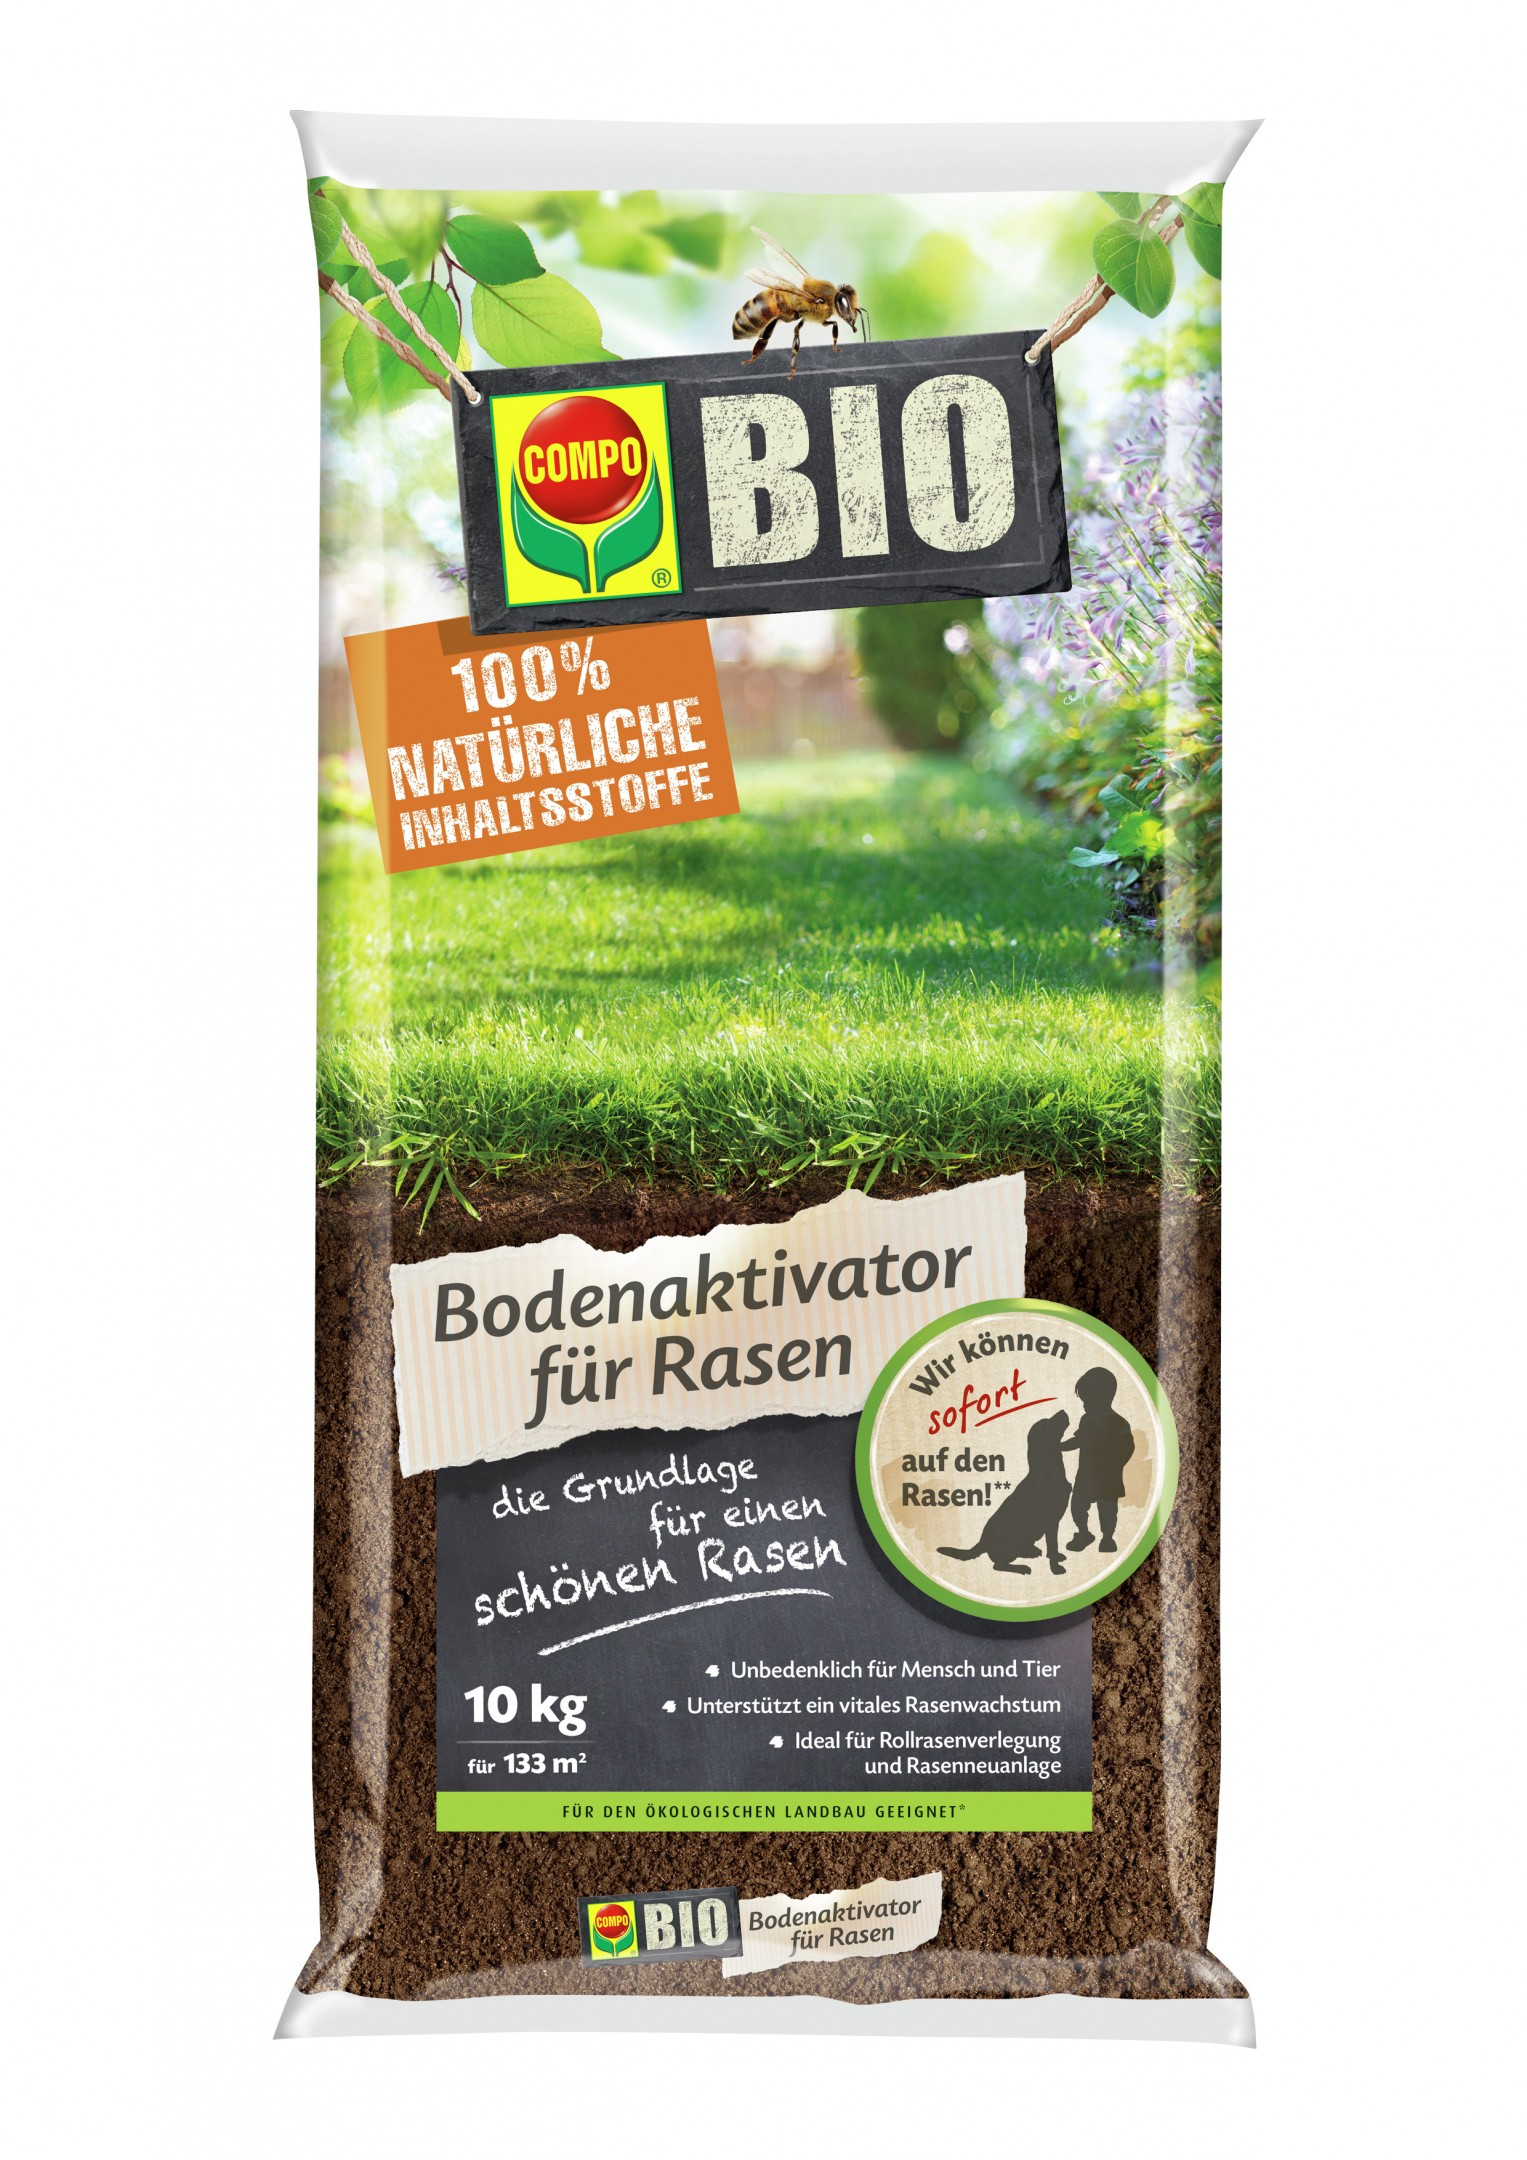 COMPO BIO Bodenaktivator für Rasen  10 kg Bild 1